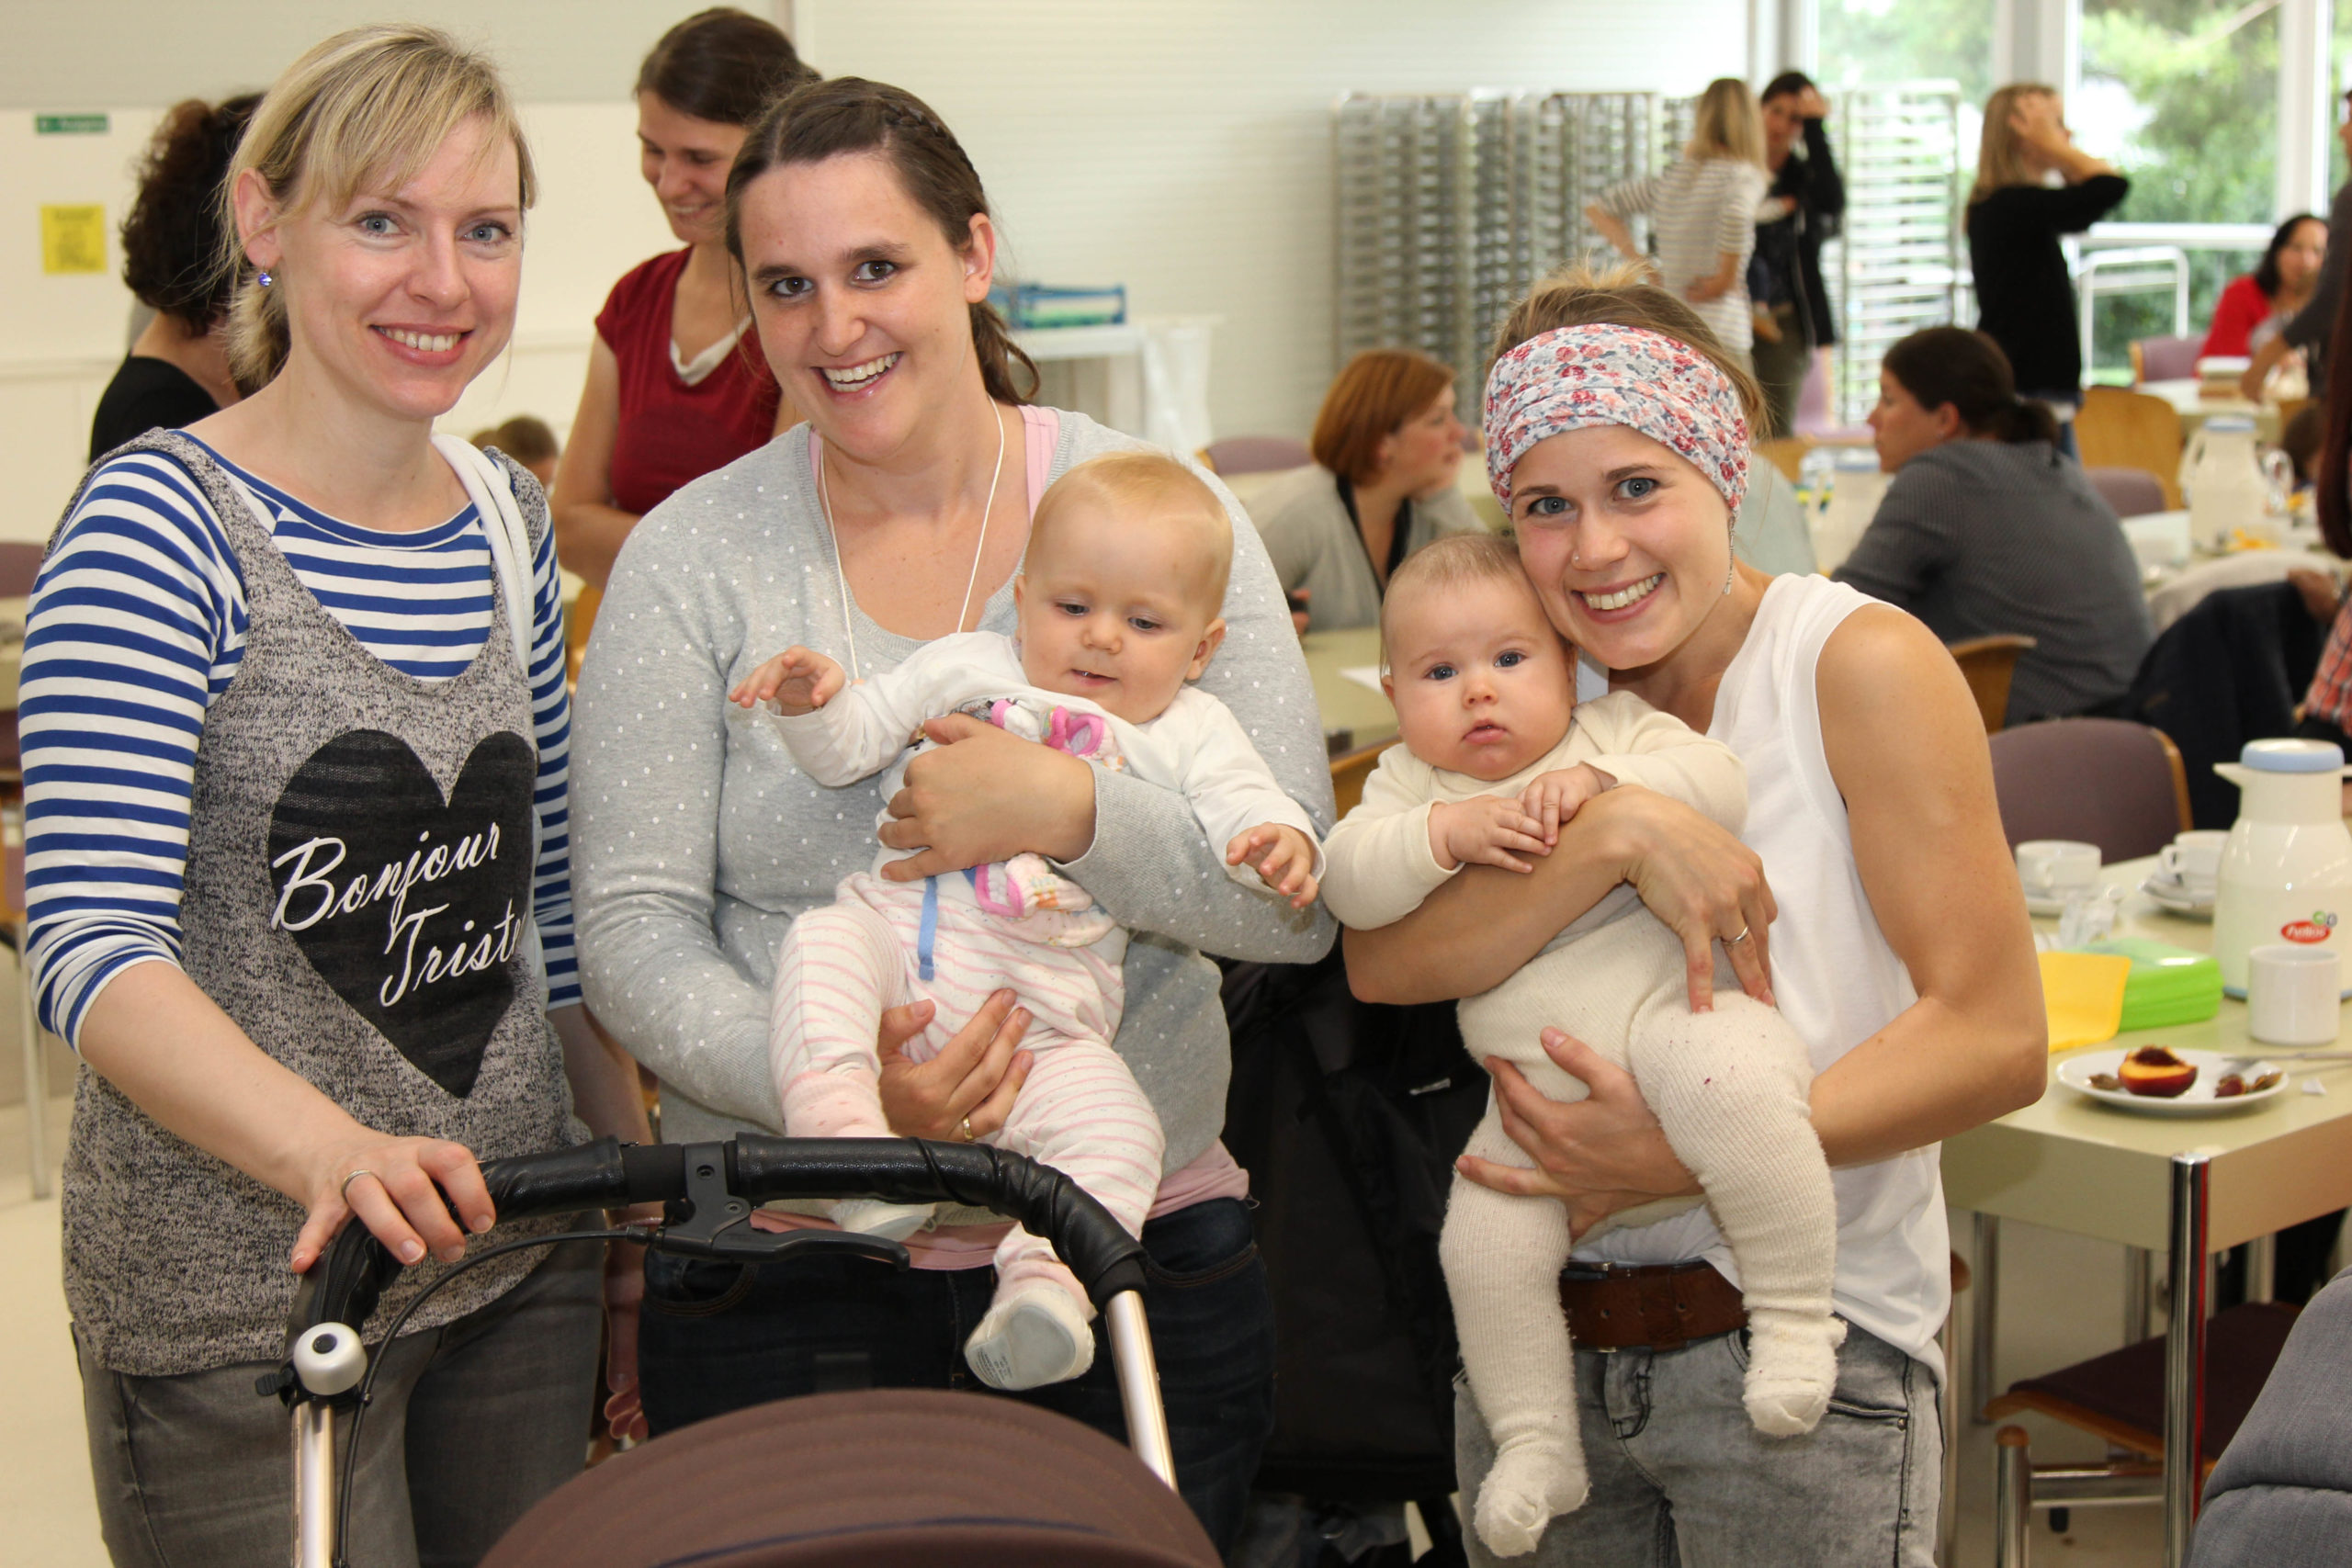 In den Vorarlberger Landeskrankenhäusern passt beides gut unter einen Hut: Beruf mit Familie